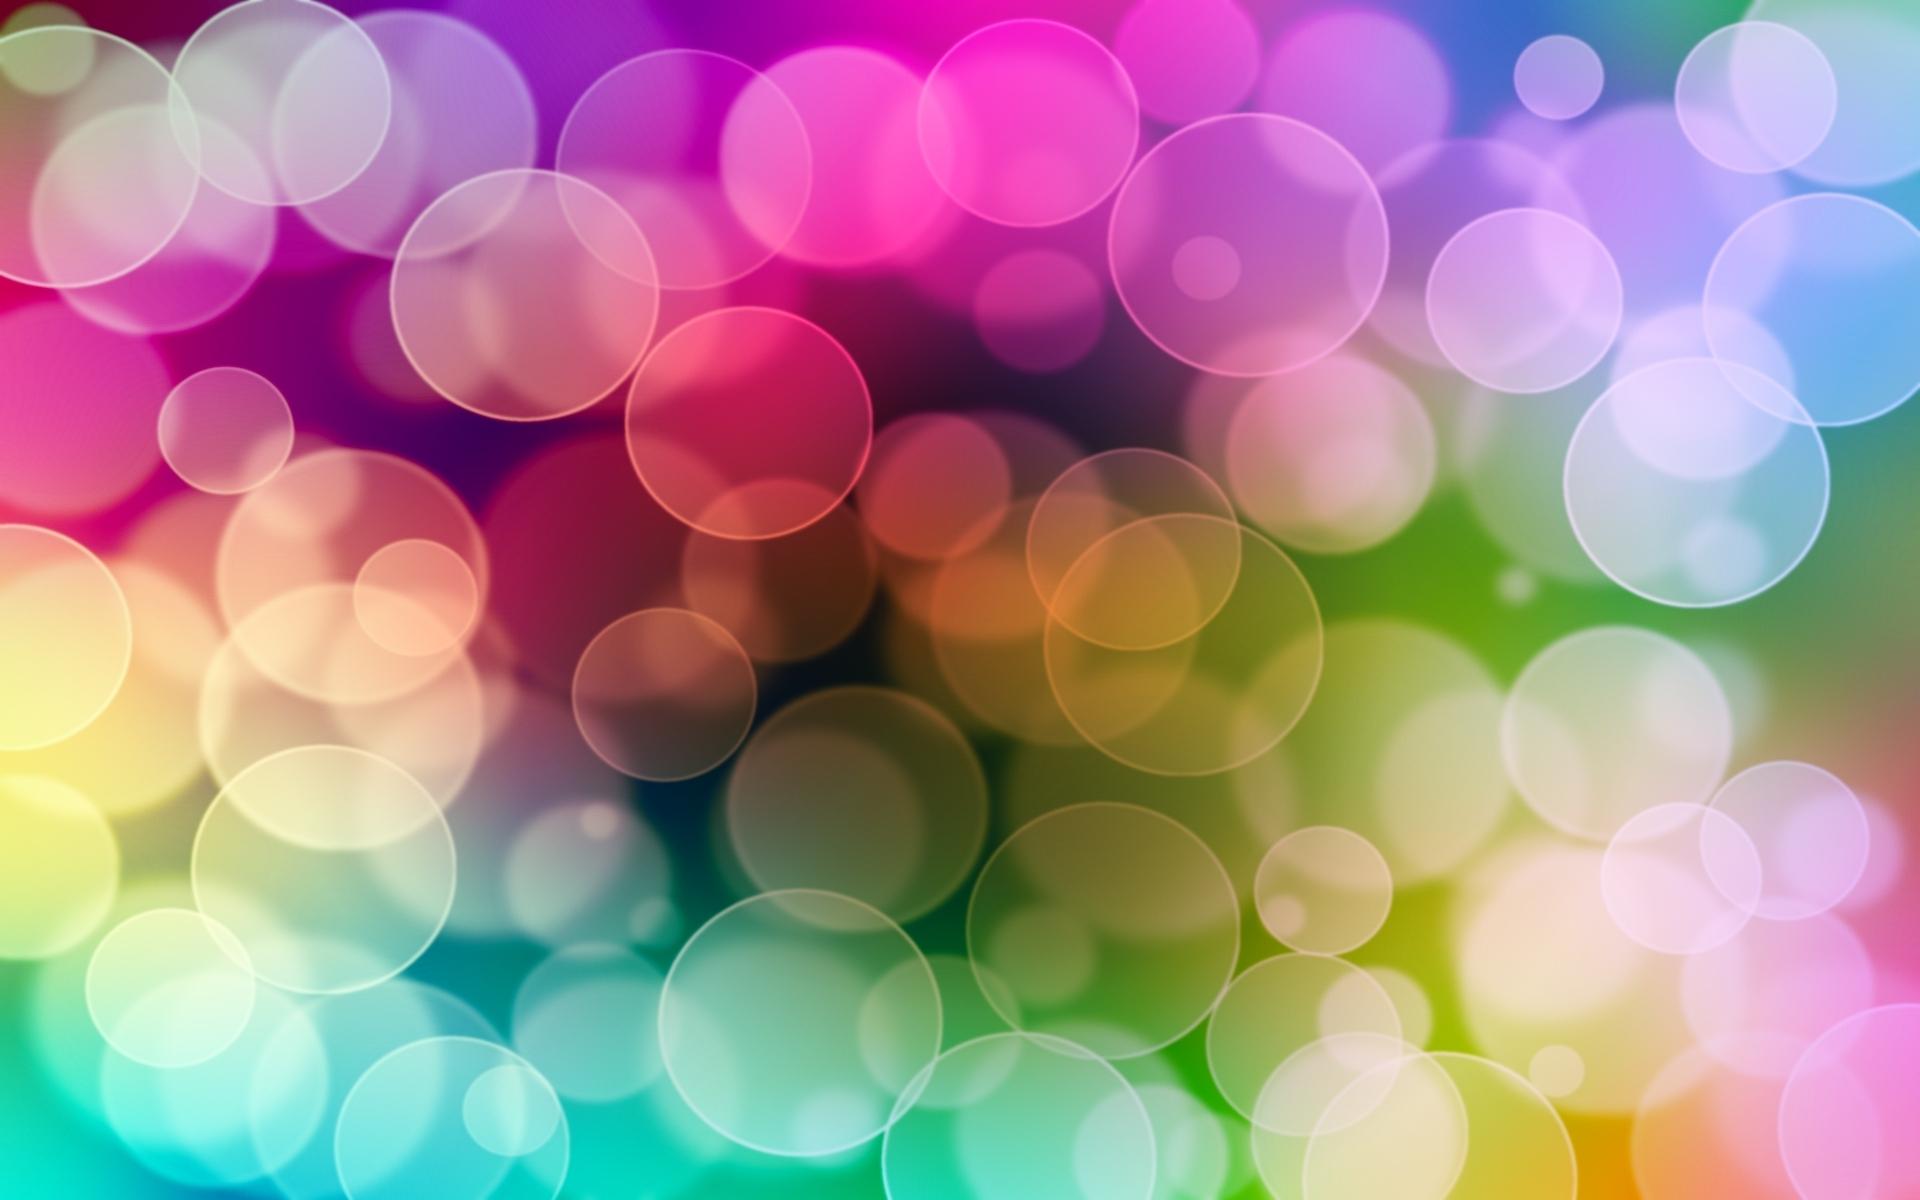 Круги свеяение свет абстракция  № 3671042  скачать